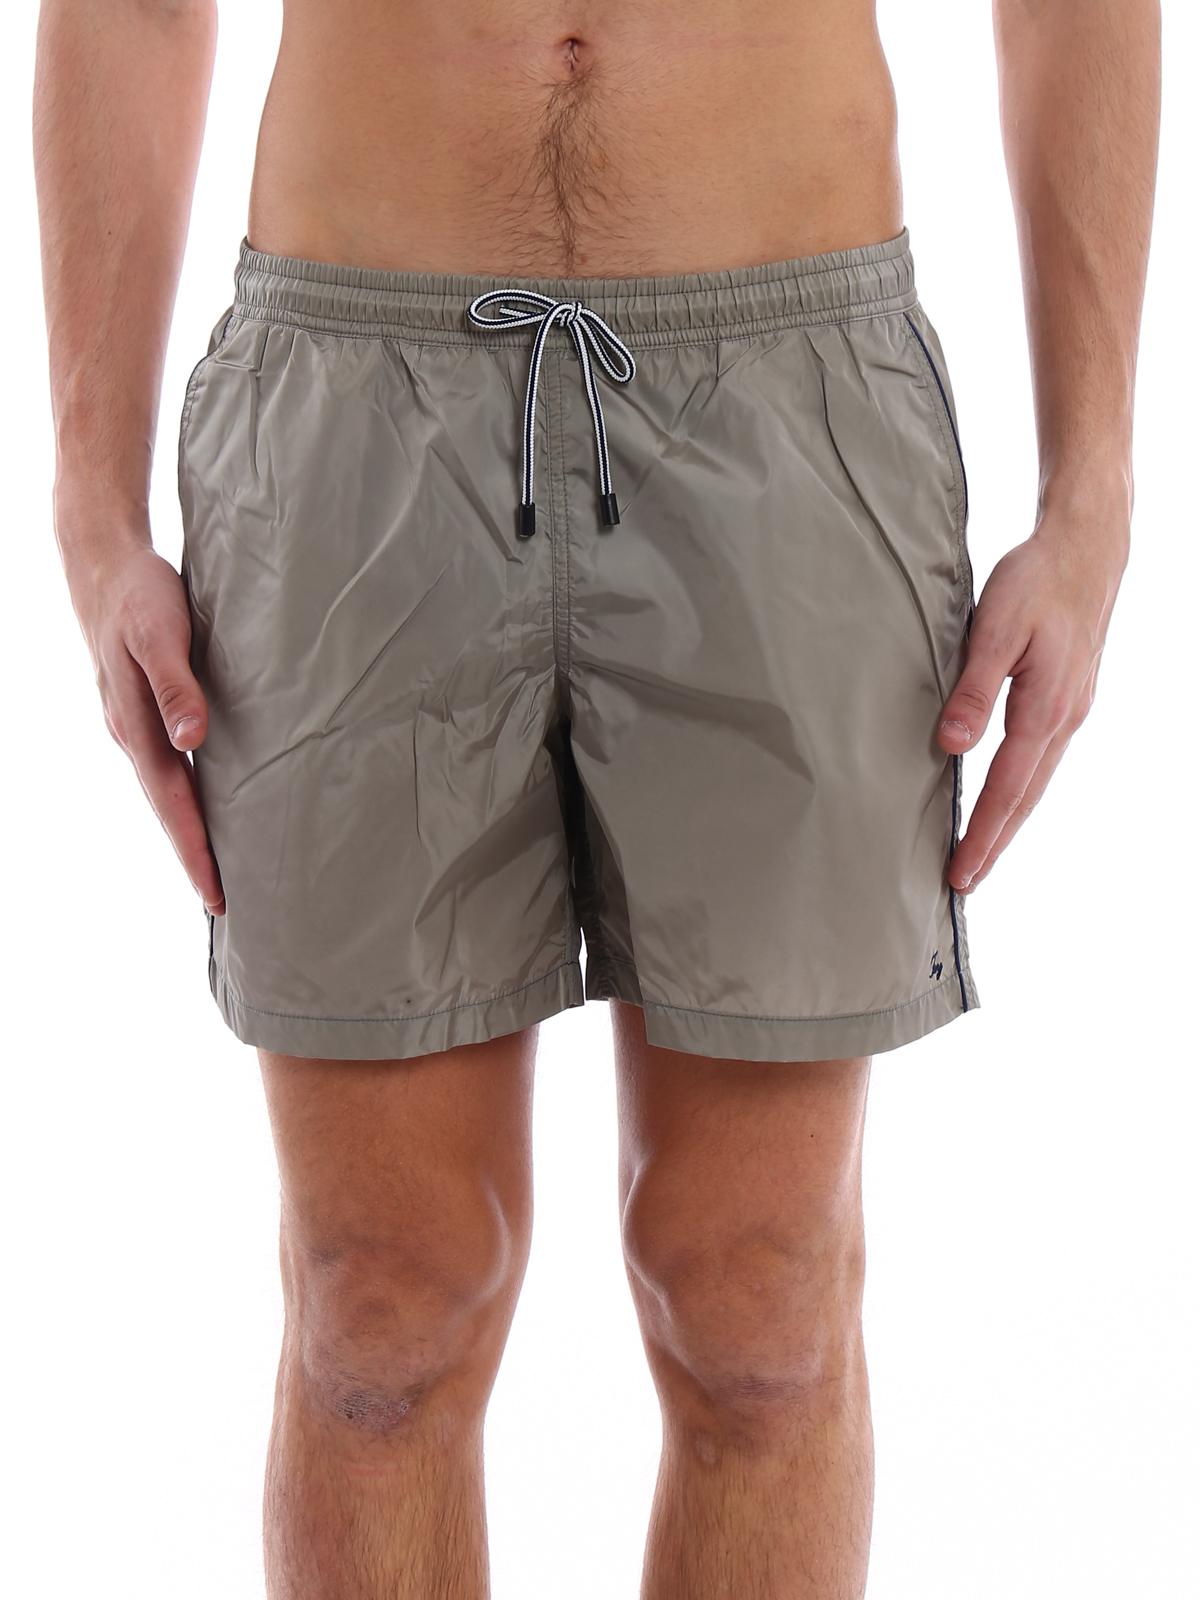 finest selection acbfb a9aef Fay - Boxer da mare in nylon con logo - Costumi piscina e ...